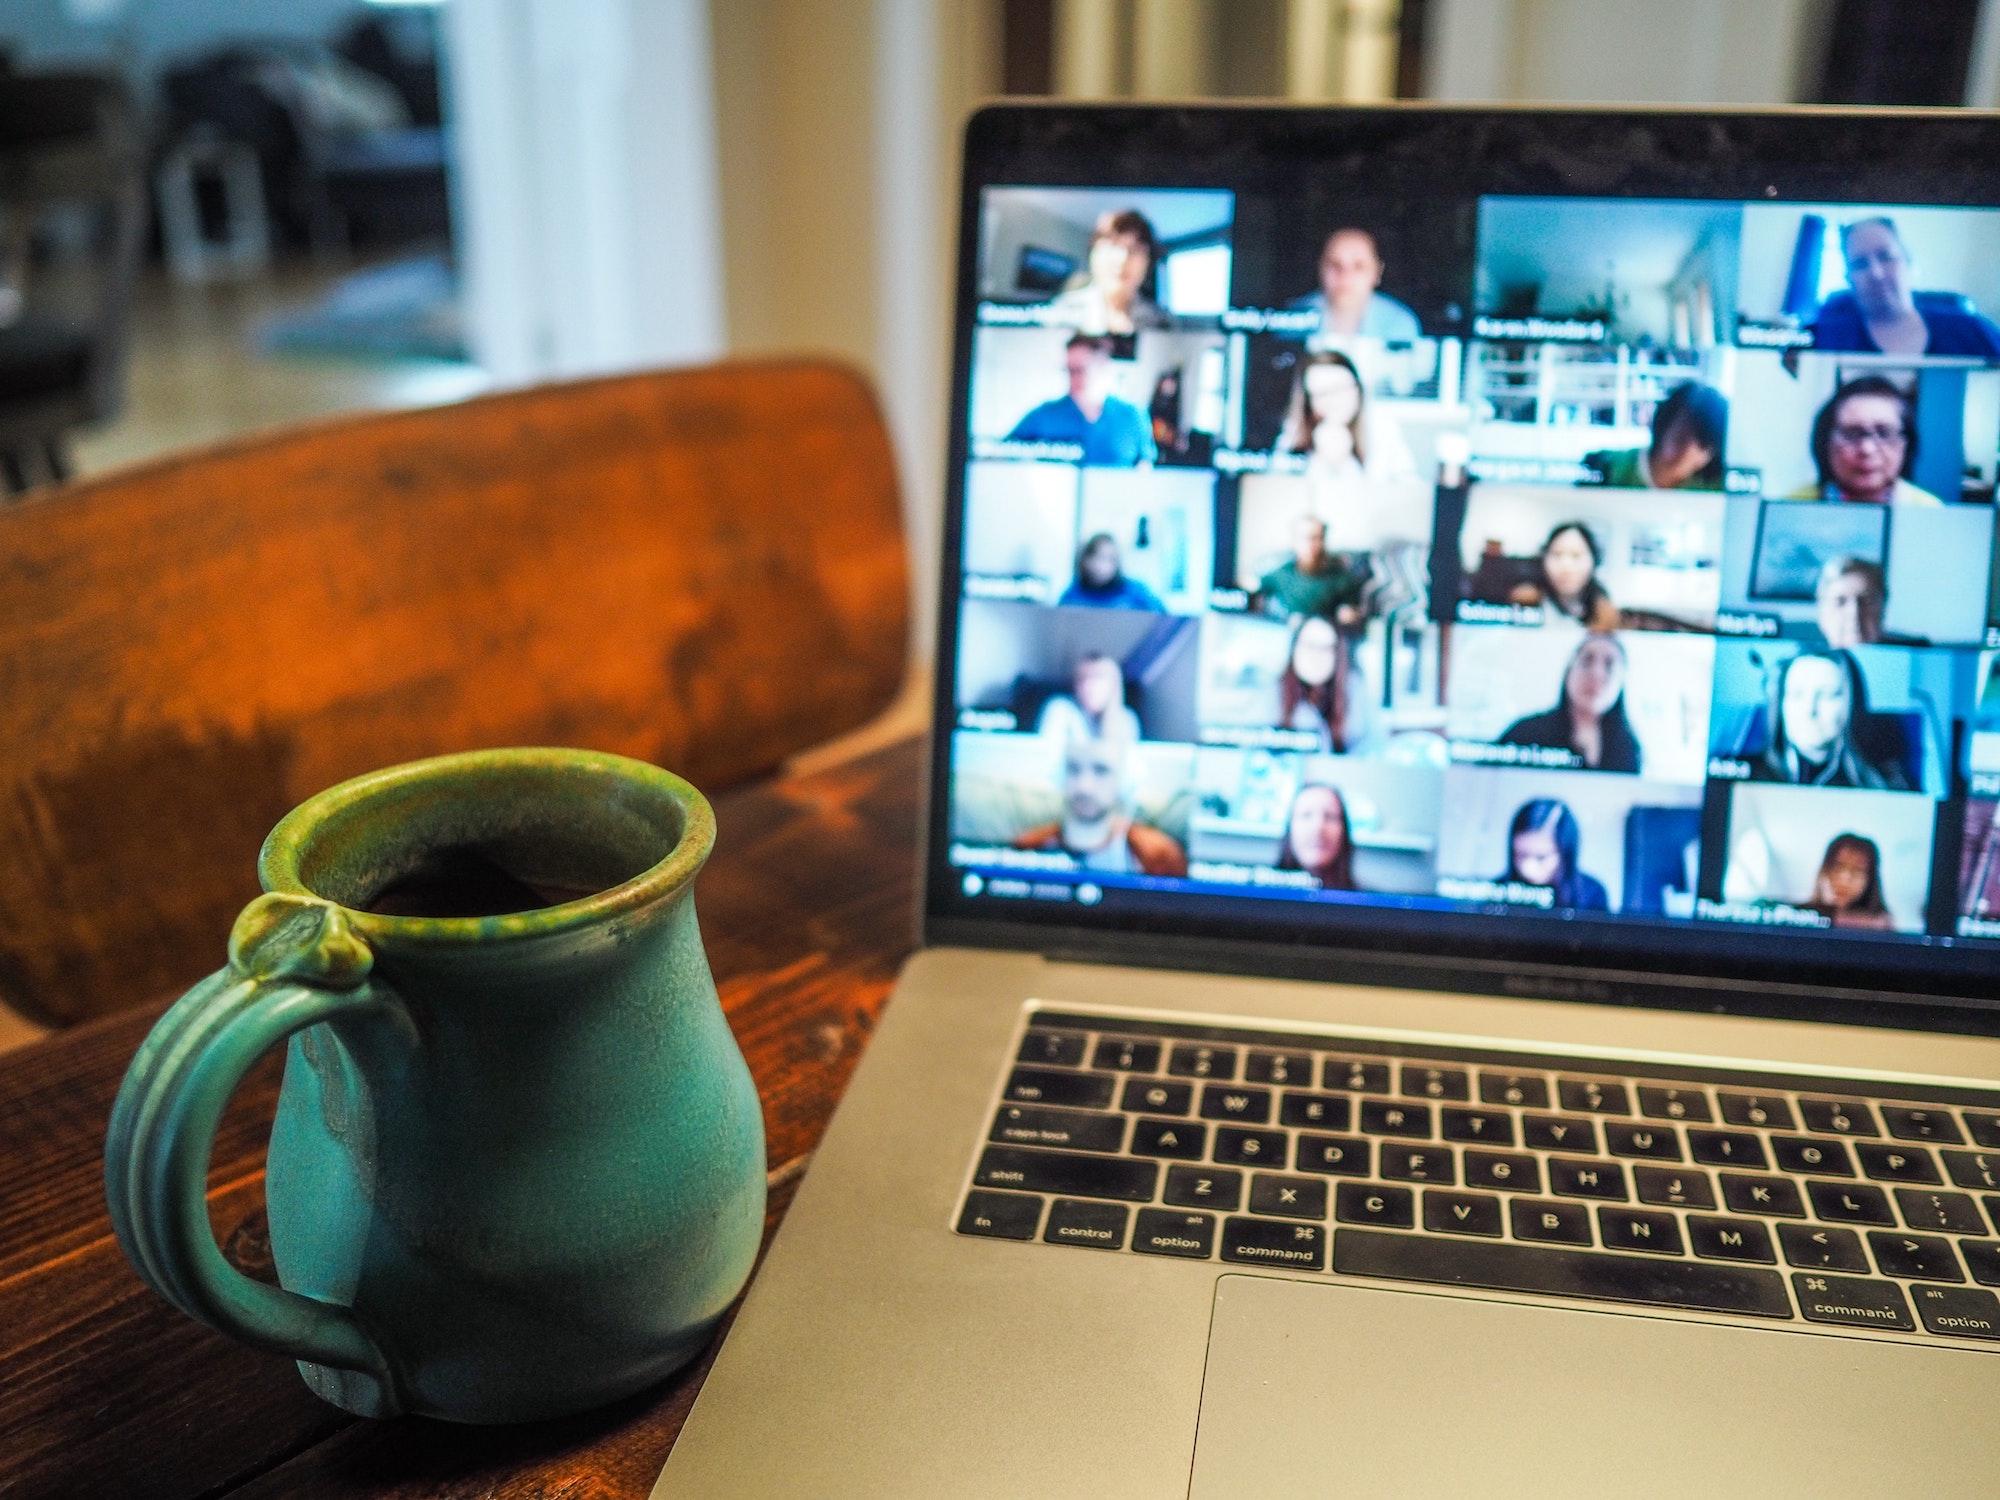 Laptop zeigt verschiedene Menschen in einer Videokonferenz, daneben steht eine Tasse